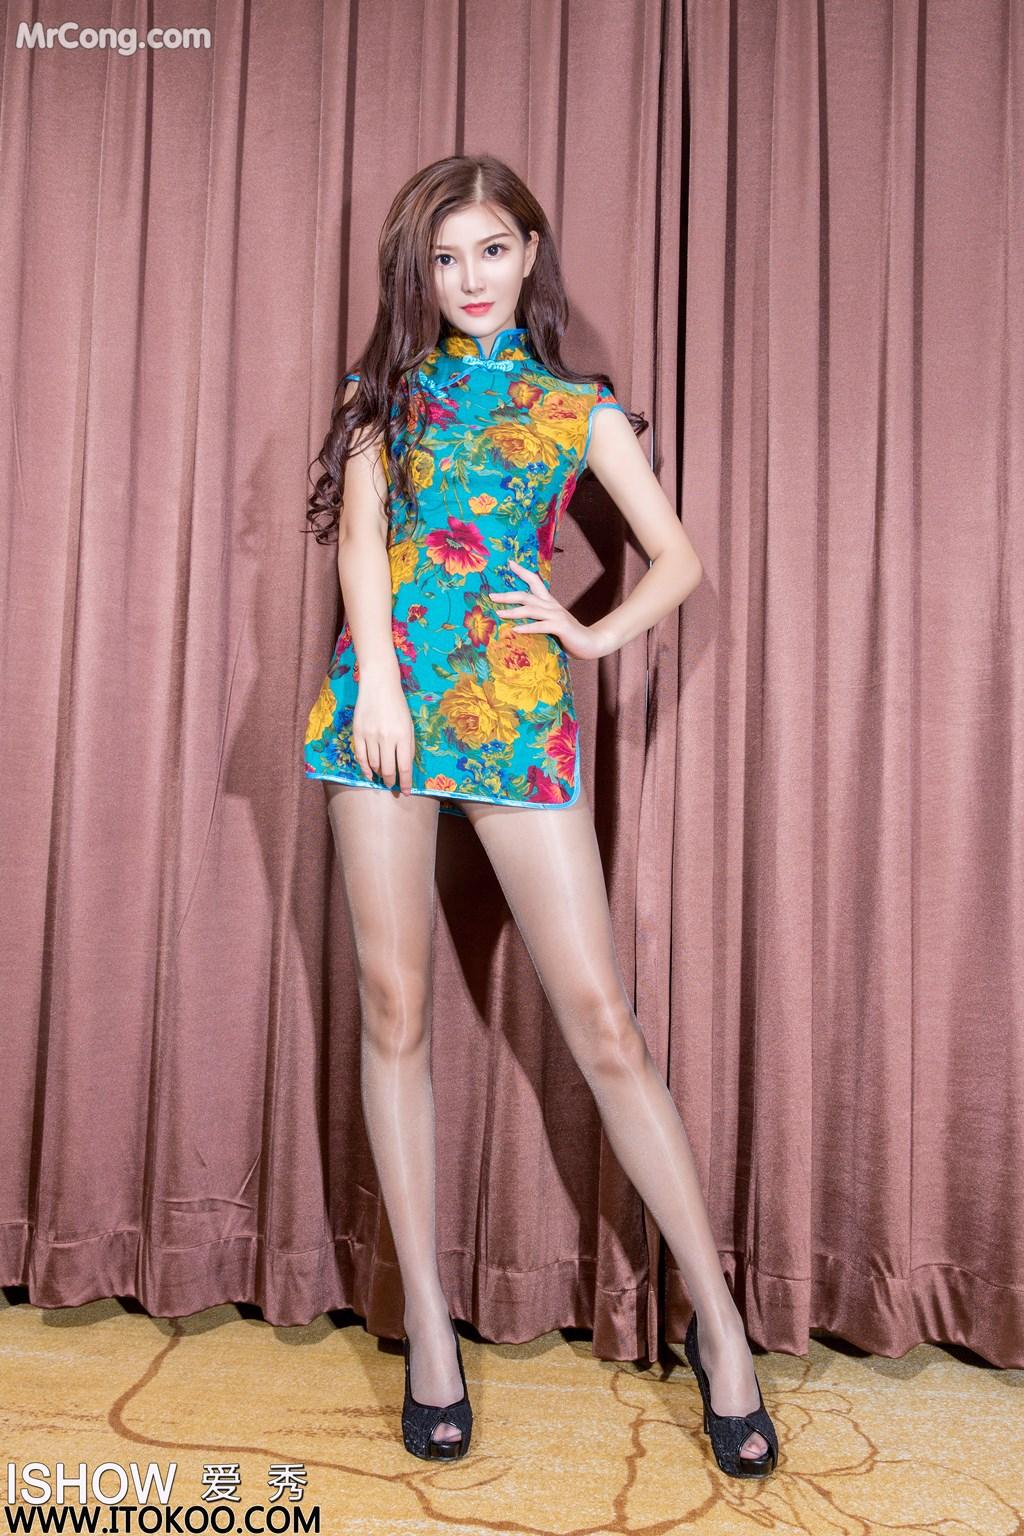 Image ISHOW-No.157-Yu-Fei-Fei-Faye-MrCong.com-001 in post ISHOW No.157: Người mẫu Yu Fei Fei (余菲菲Faye) (31 ảnh)